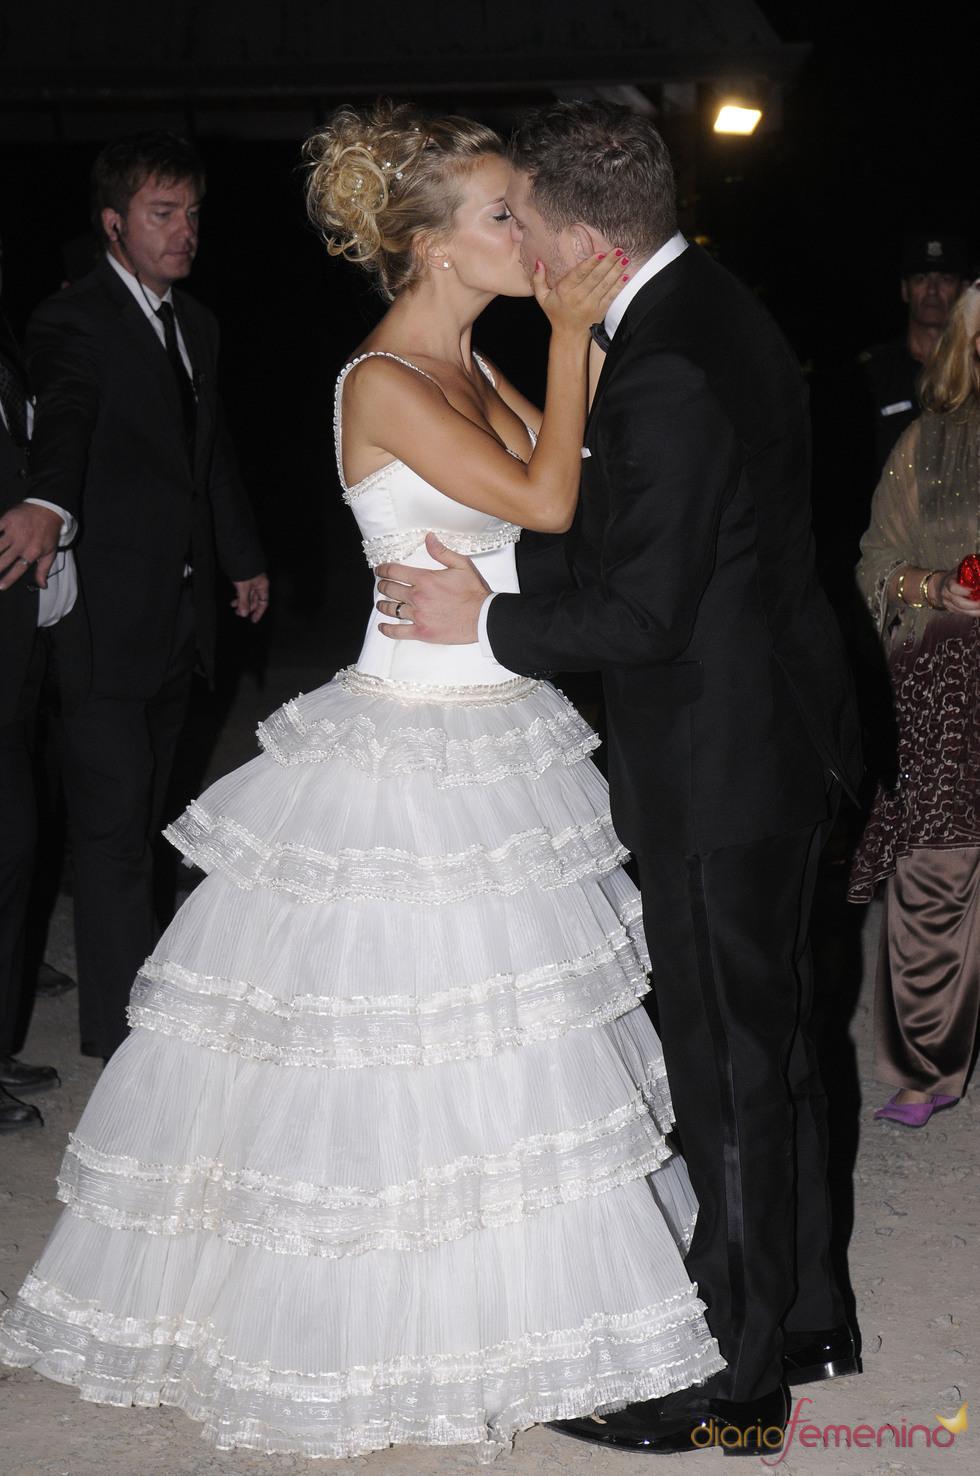 Michael Bublé y Luisana Lopilato besándose el día de su boda